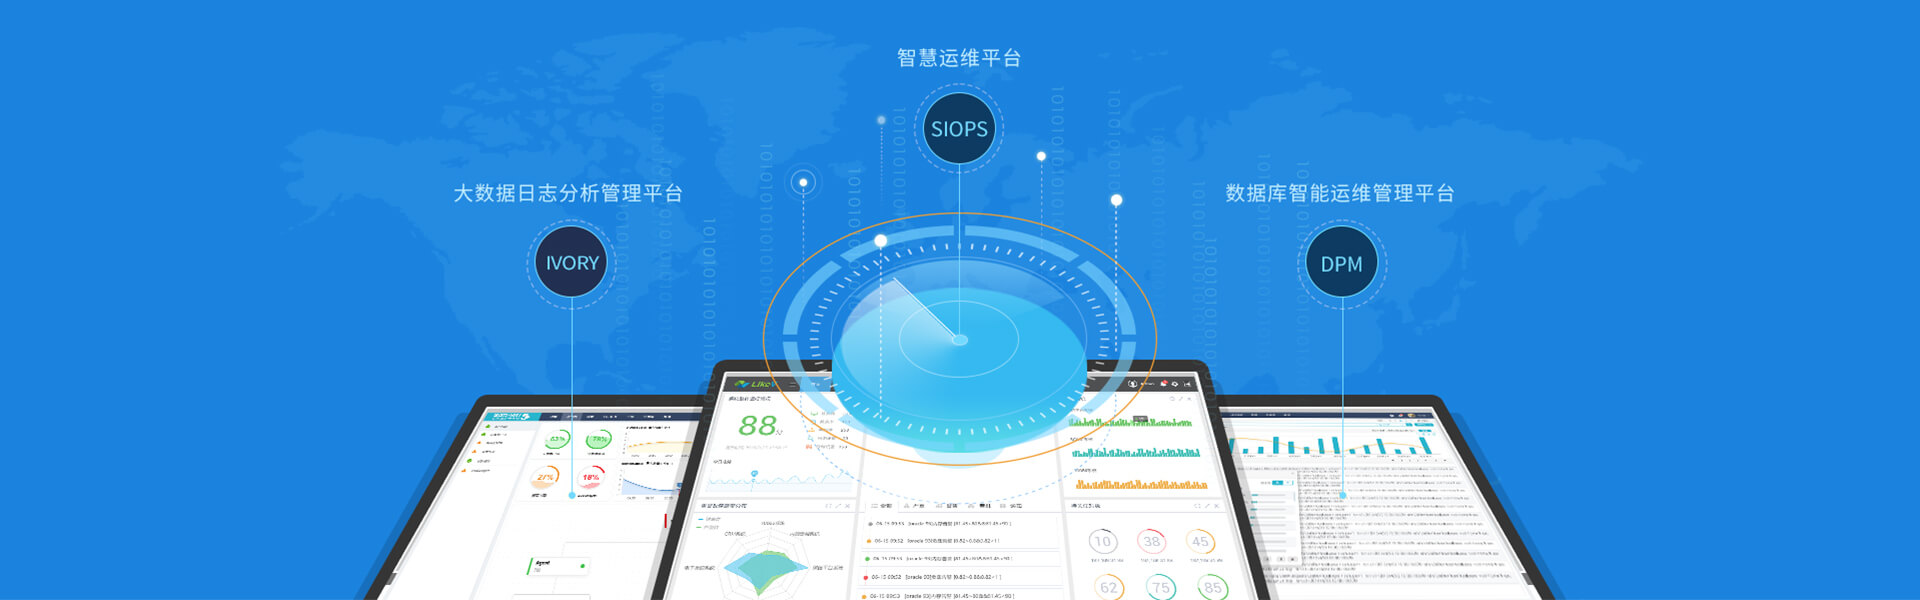 新炬网络服务:数据资产管理、系统和记娱乐app、运营外包